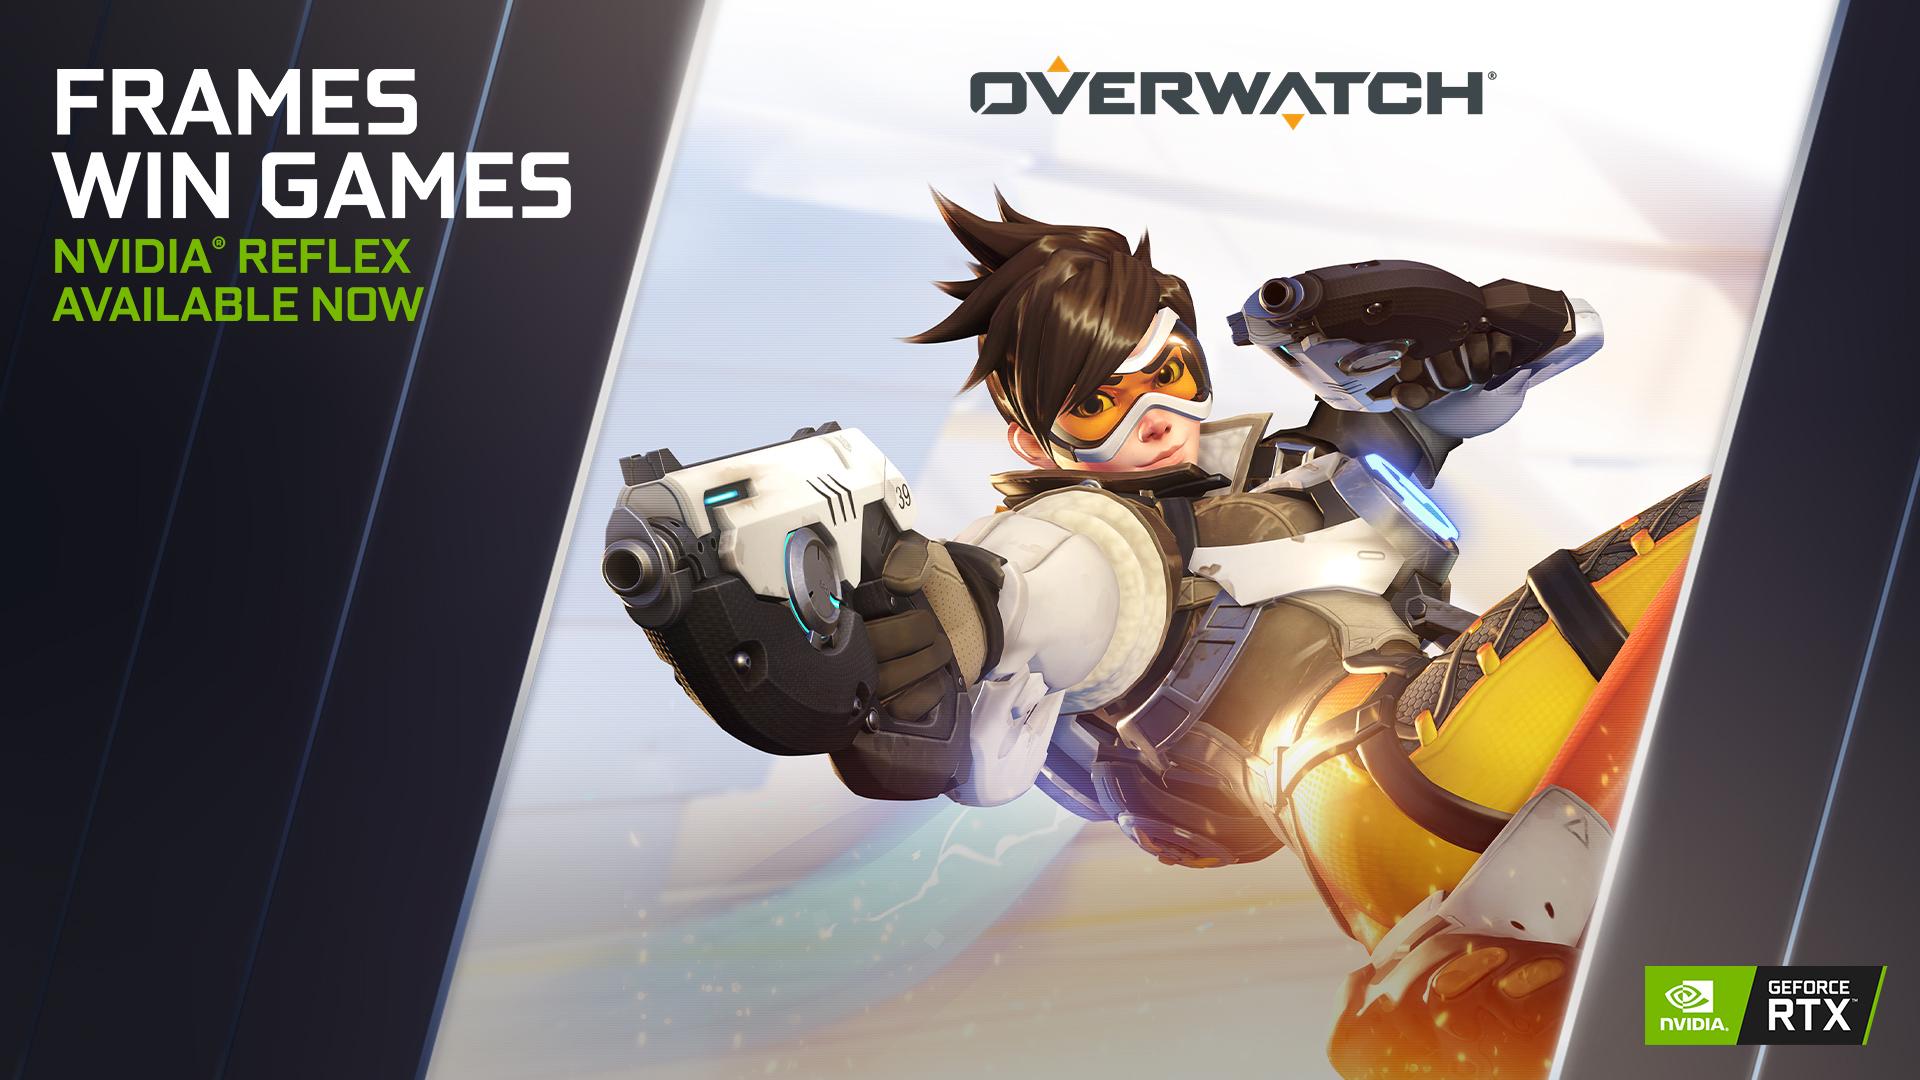 Overwatch: dimezzato il tempo di risposta grazie a NVIDIA Reflex